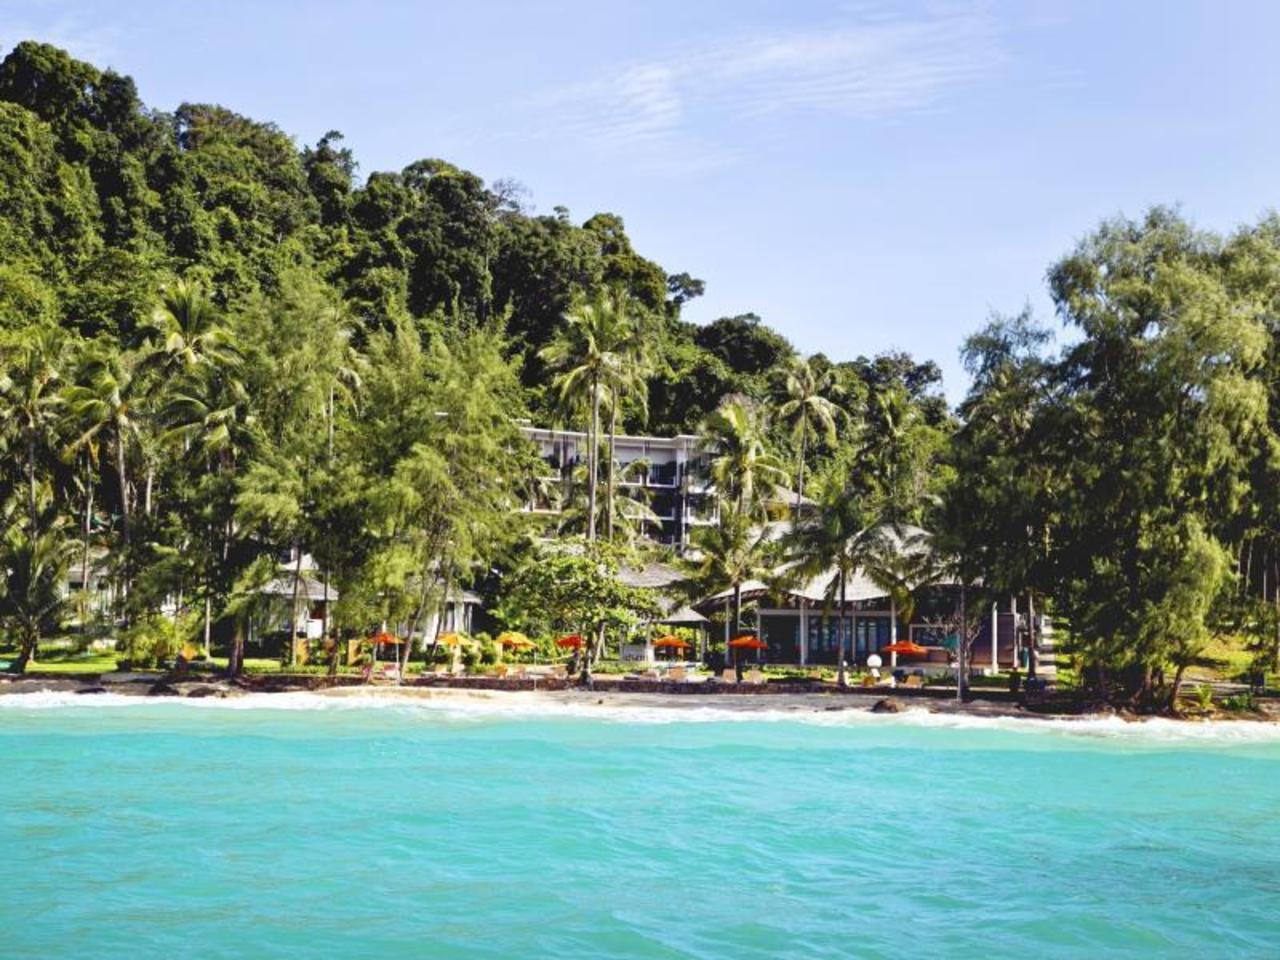 จามส์เฮาส์ เกาะกูด รีสอร์ท (Cham's House Koh Kood Resort)